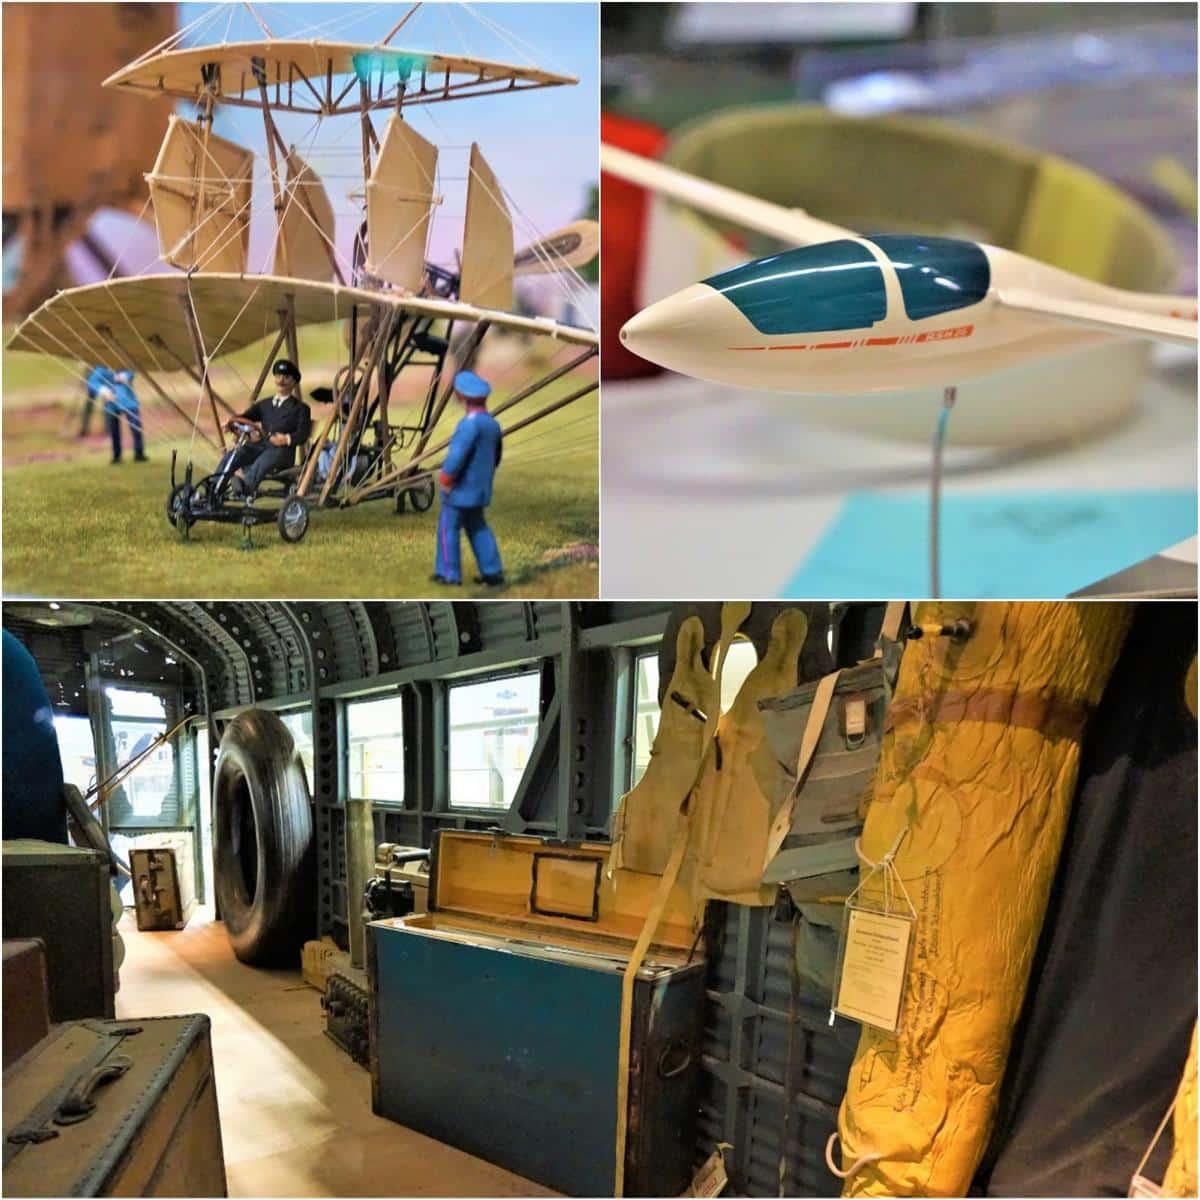 Style Hannover Luftfahrtmuseum Laatzen Collage 2 - Luftfahrtmuseum Laatzen – ein Traum für jeden Luftfahrtinteressierten